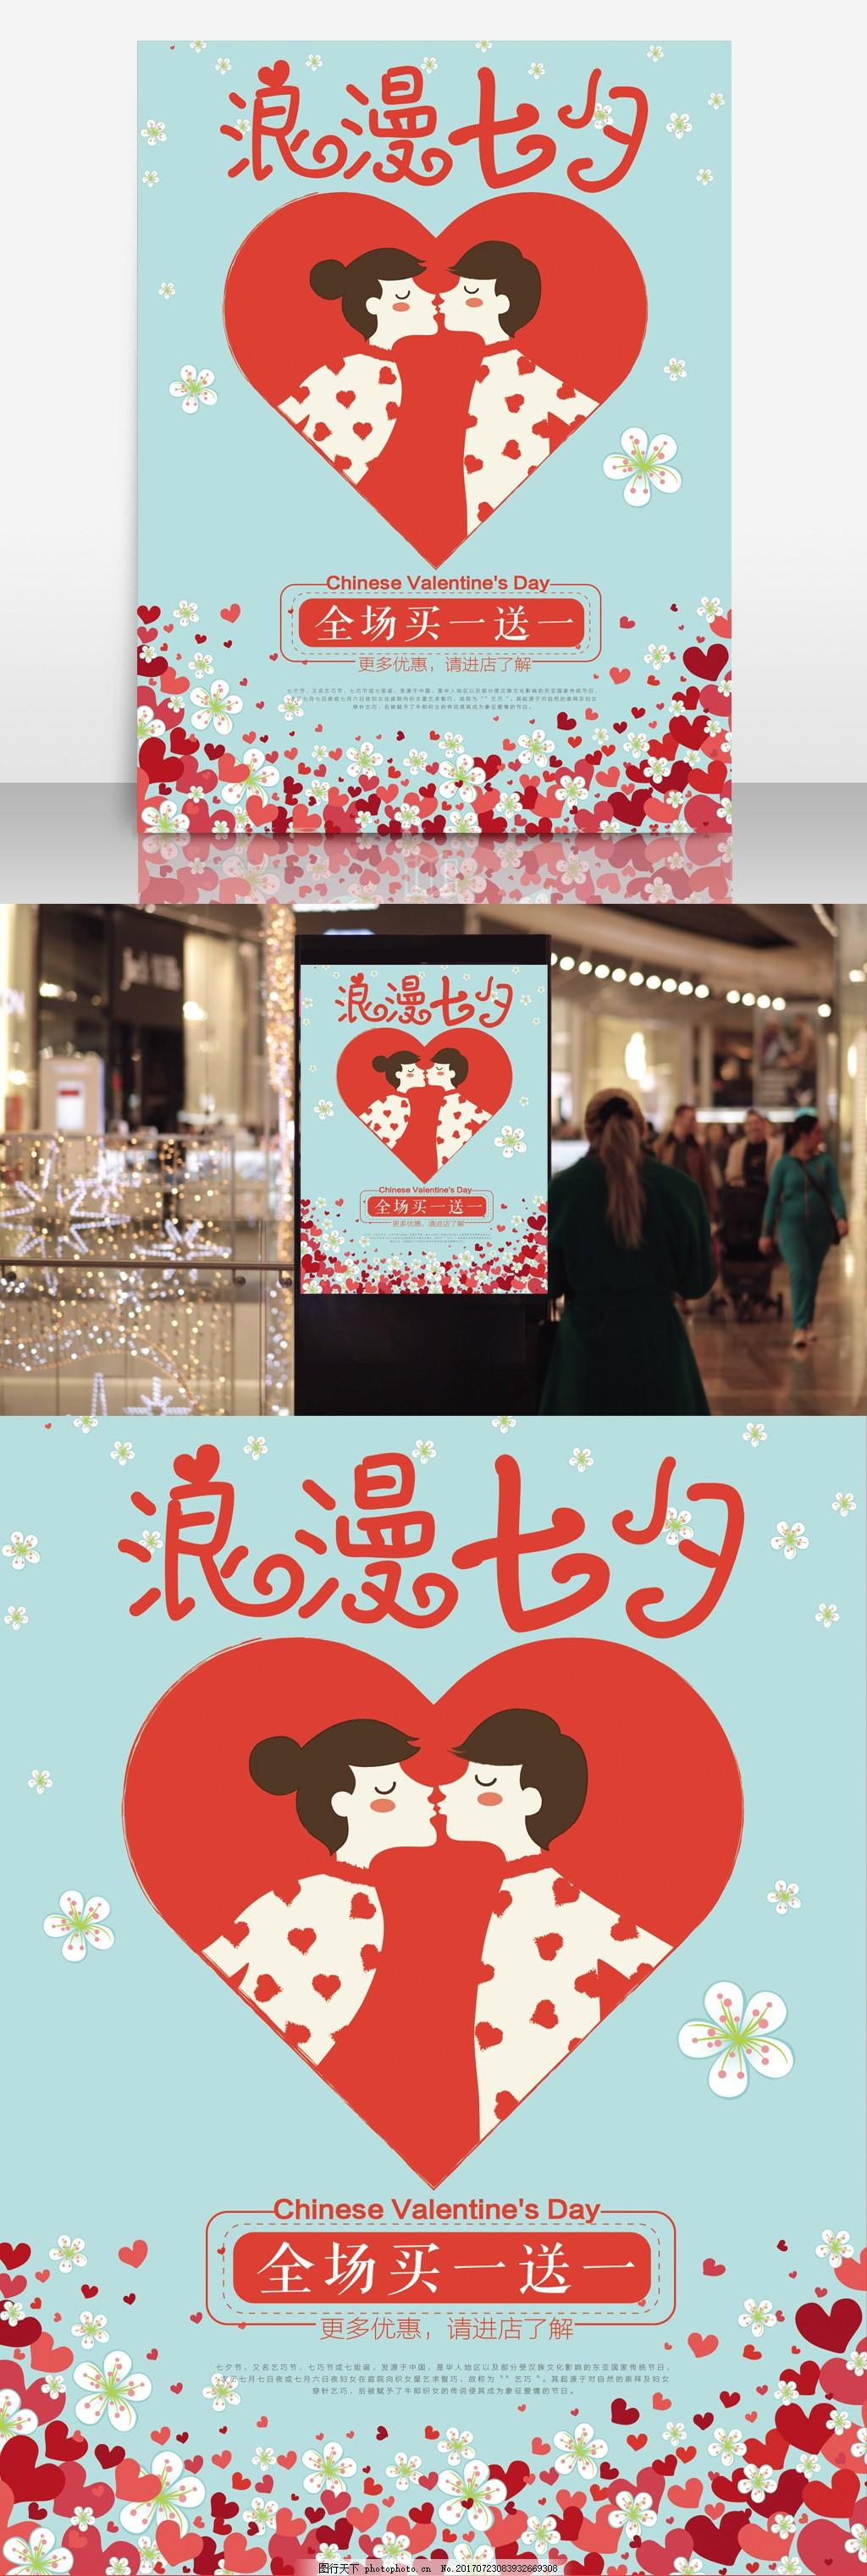 七夕海报卡通创意爱心促销海报情侣 浪漫七夕 全场买一送一 心形